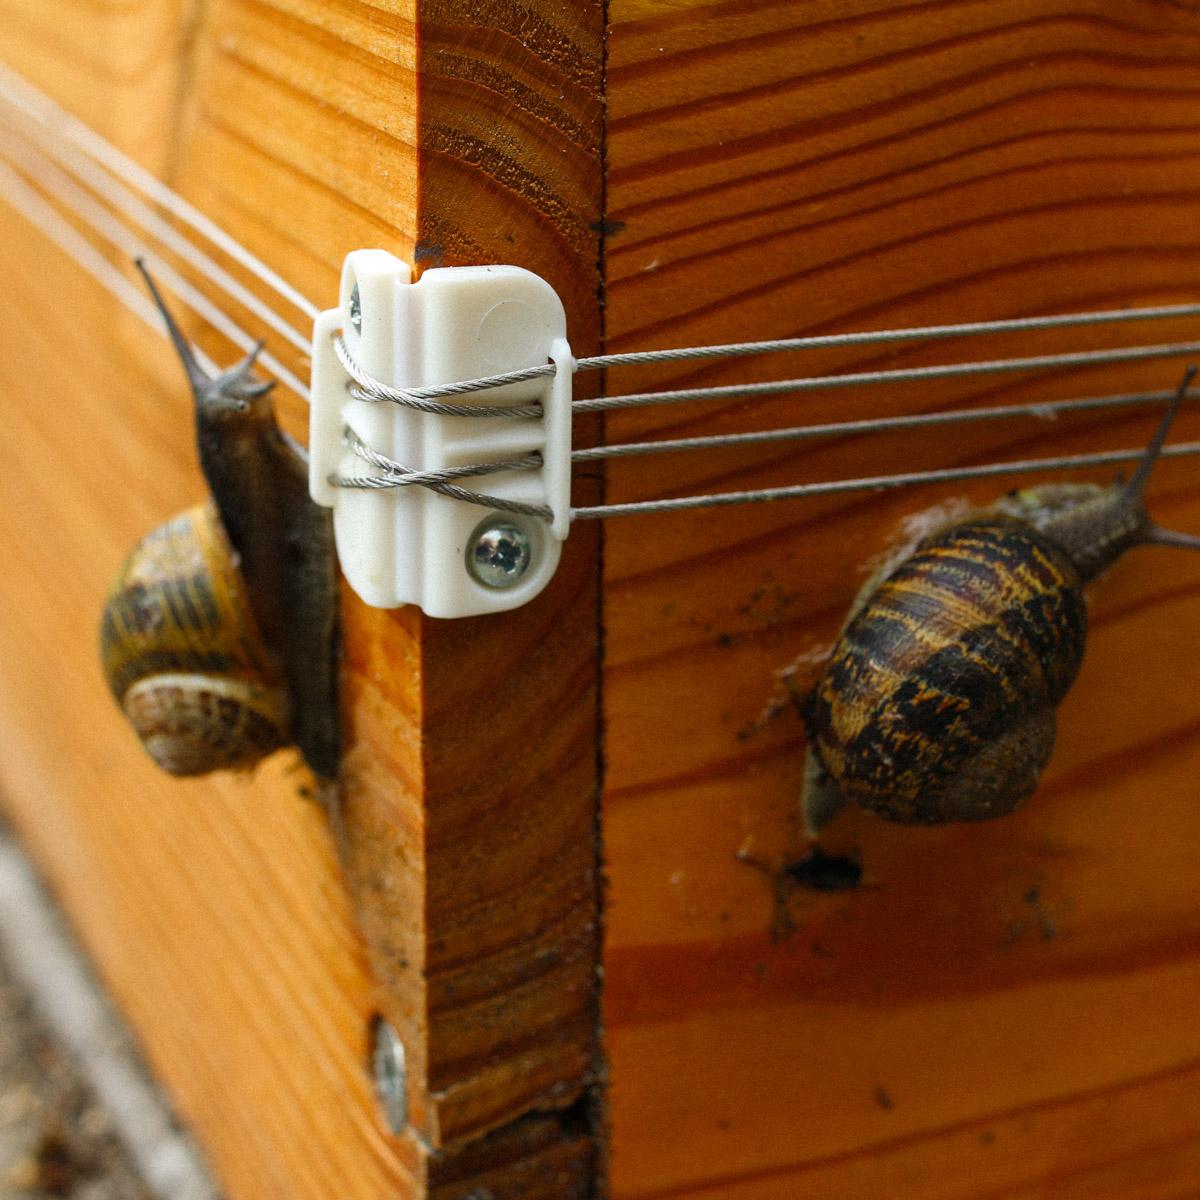 two-slugs-on-the-slug-fence.jpeg